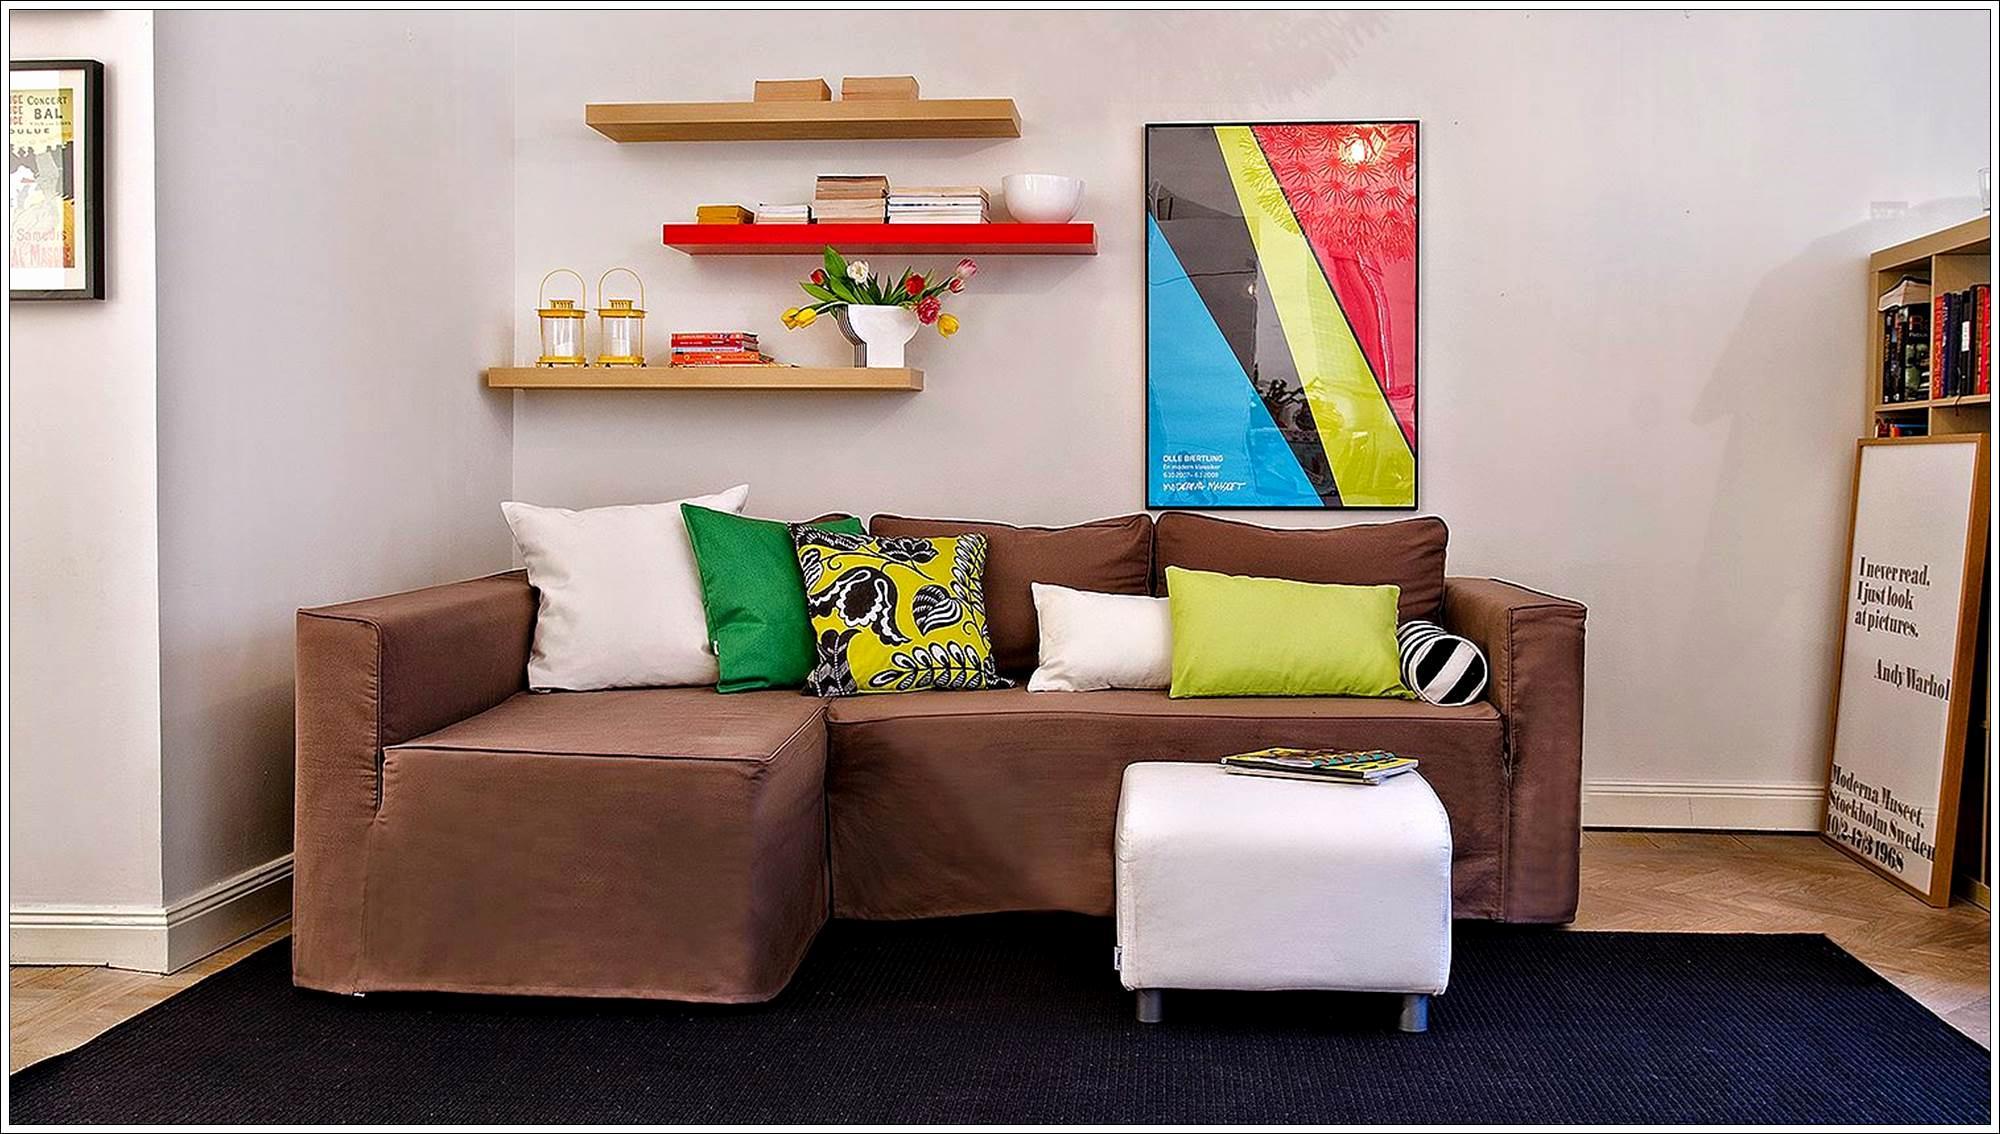 Housse Ektorp 2 Places Frais Collection Canap Convertible Ikea Ektorp Housse Canape D Angle Ikea – Idées De